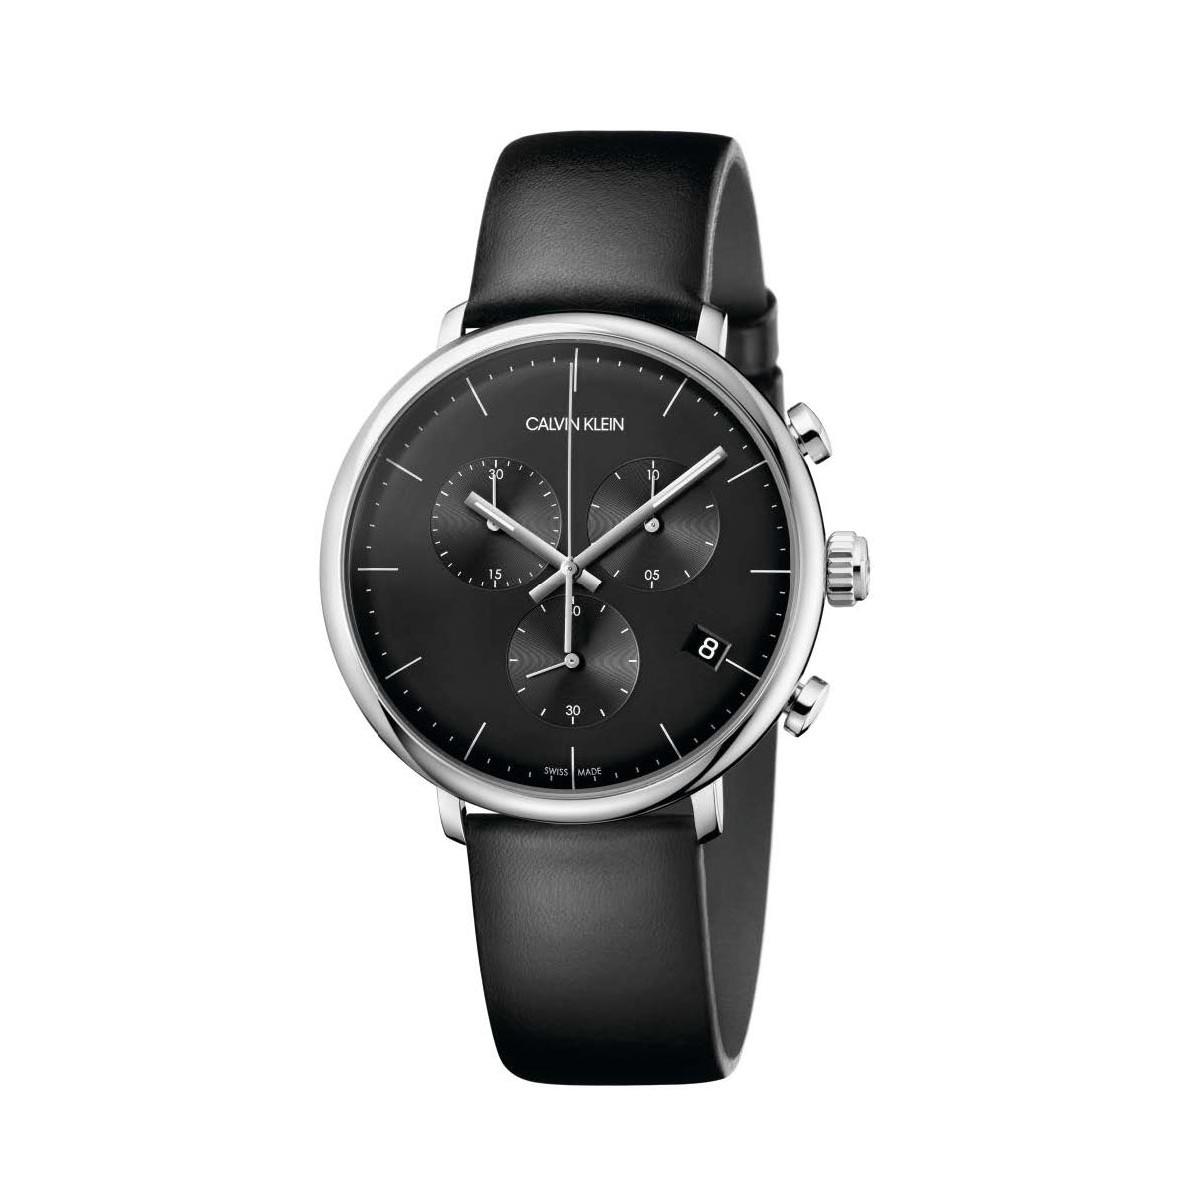 Đồng hồ Calvin Klein K8M271C1 Nam 43mm, Quartz (Pin), Thép không gỉ